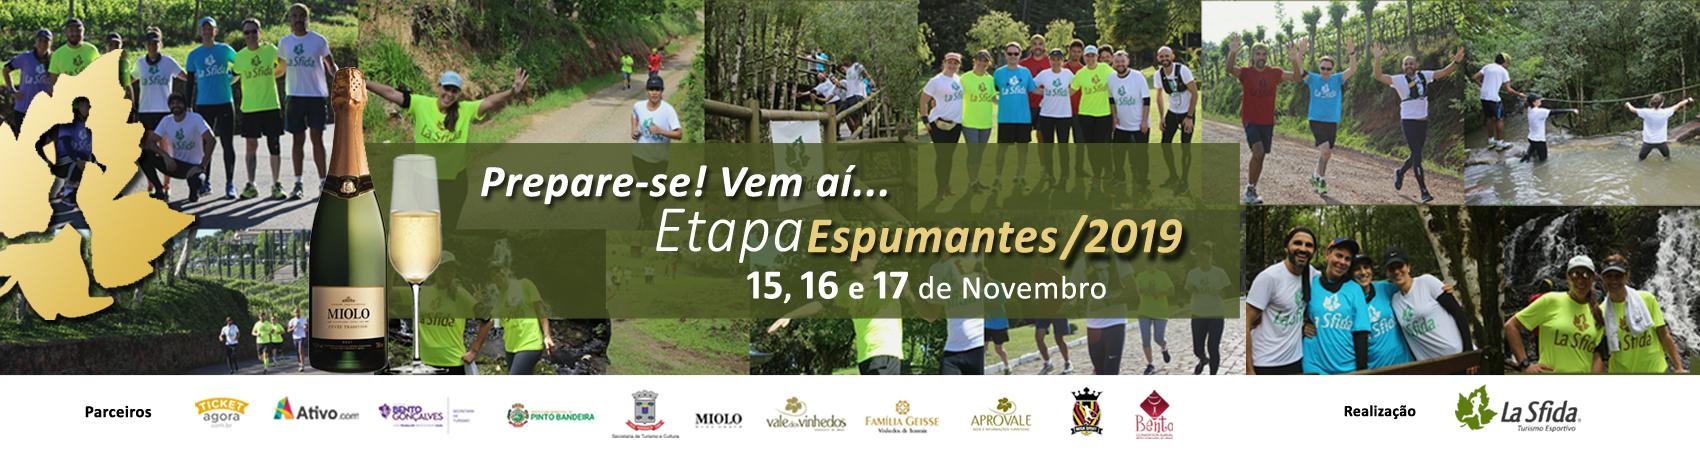 LA SFIDA - ETAPA ESPUMANTES 2019